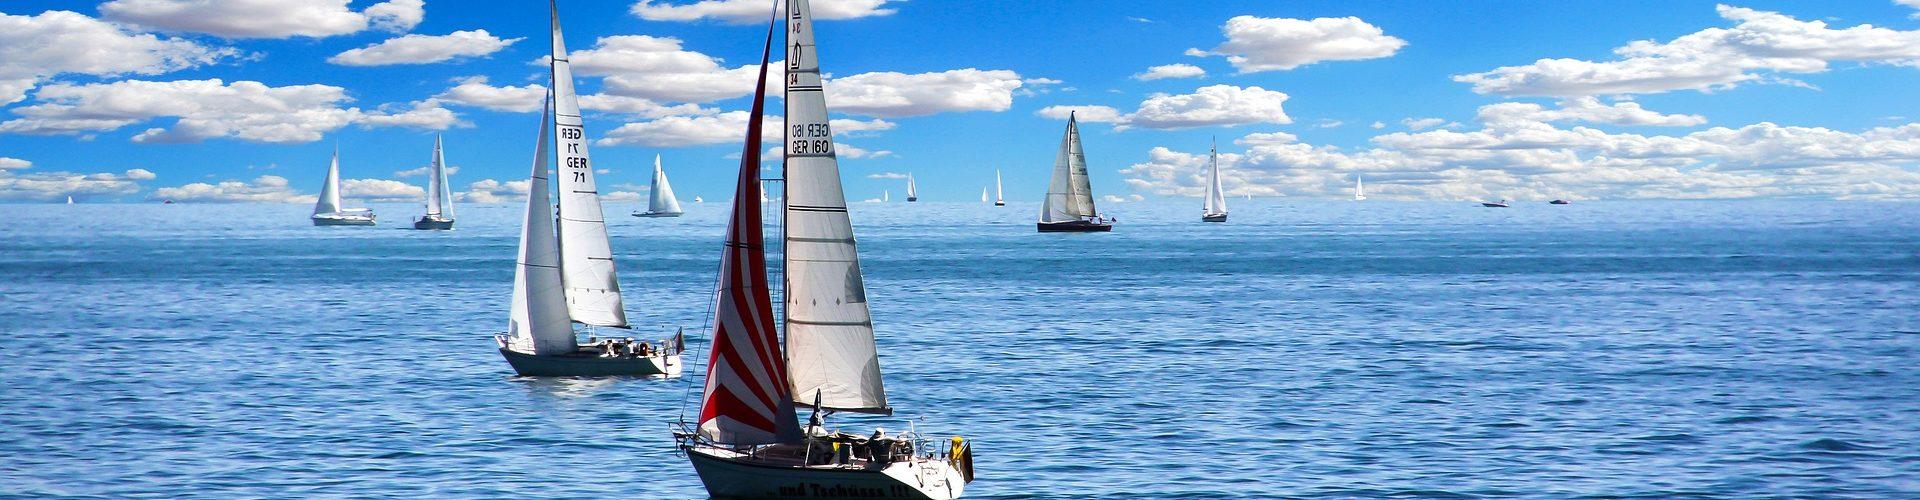 segeln lernen in Geisenheim segelschein machen in Geisenheim 1920x500 - Segeln lernen in Geisenheim